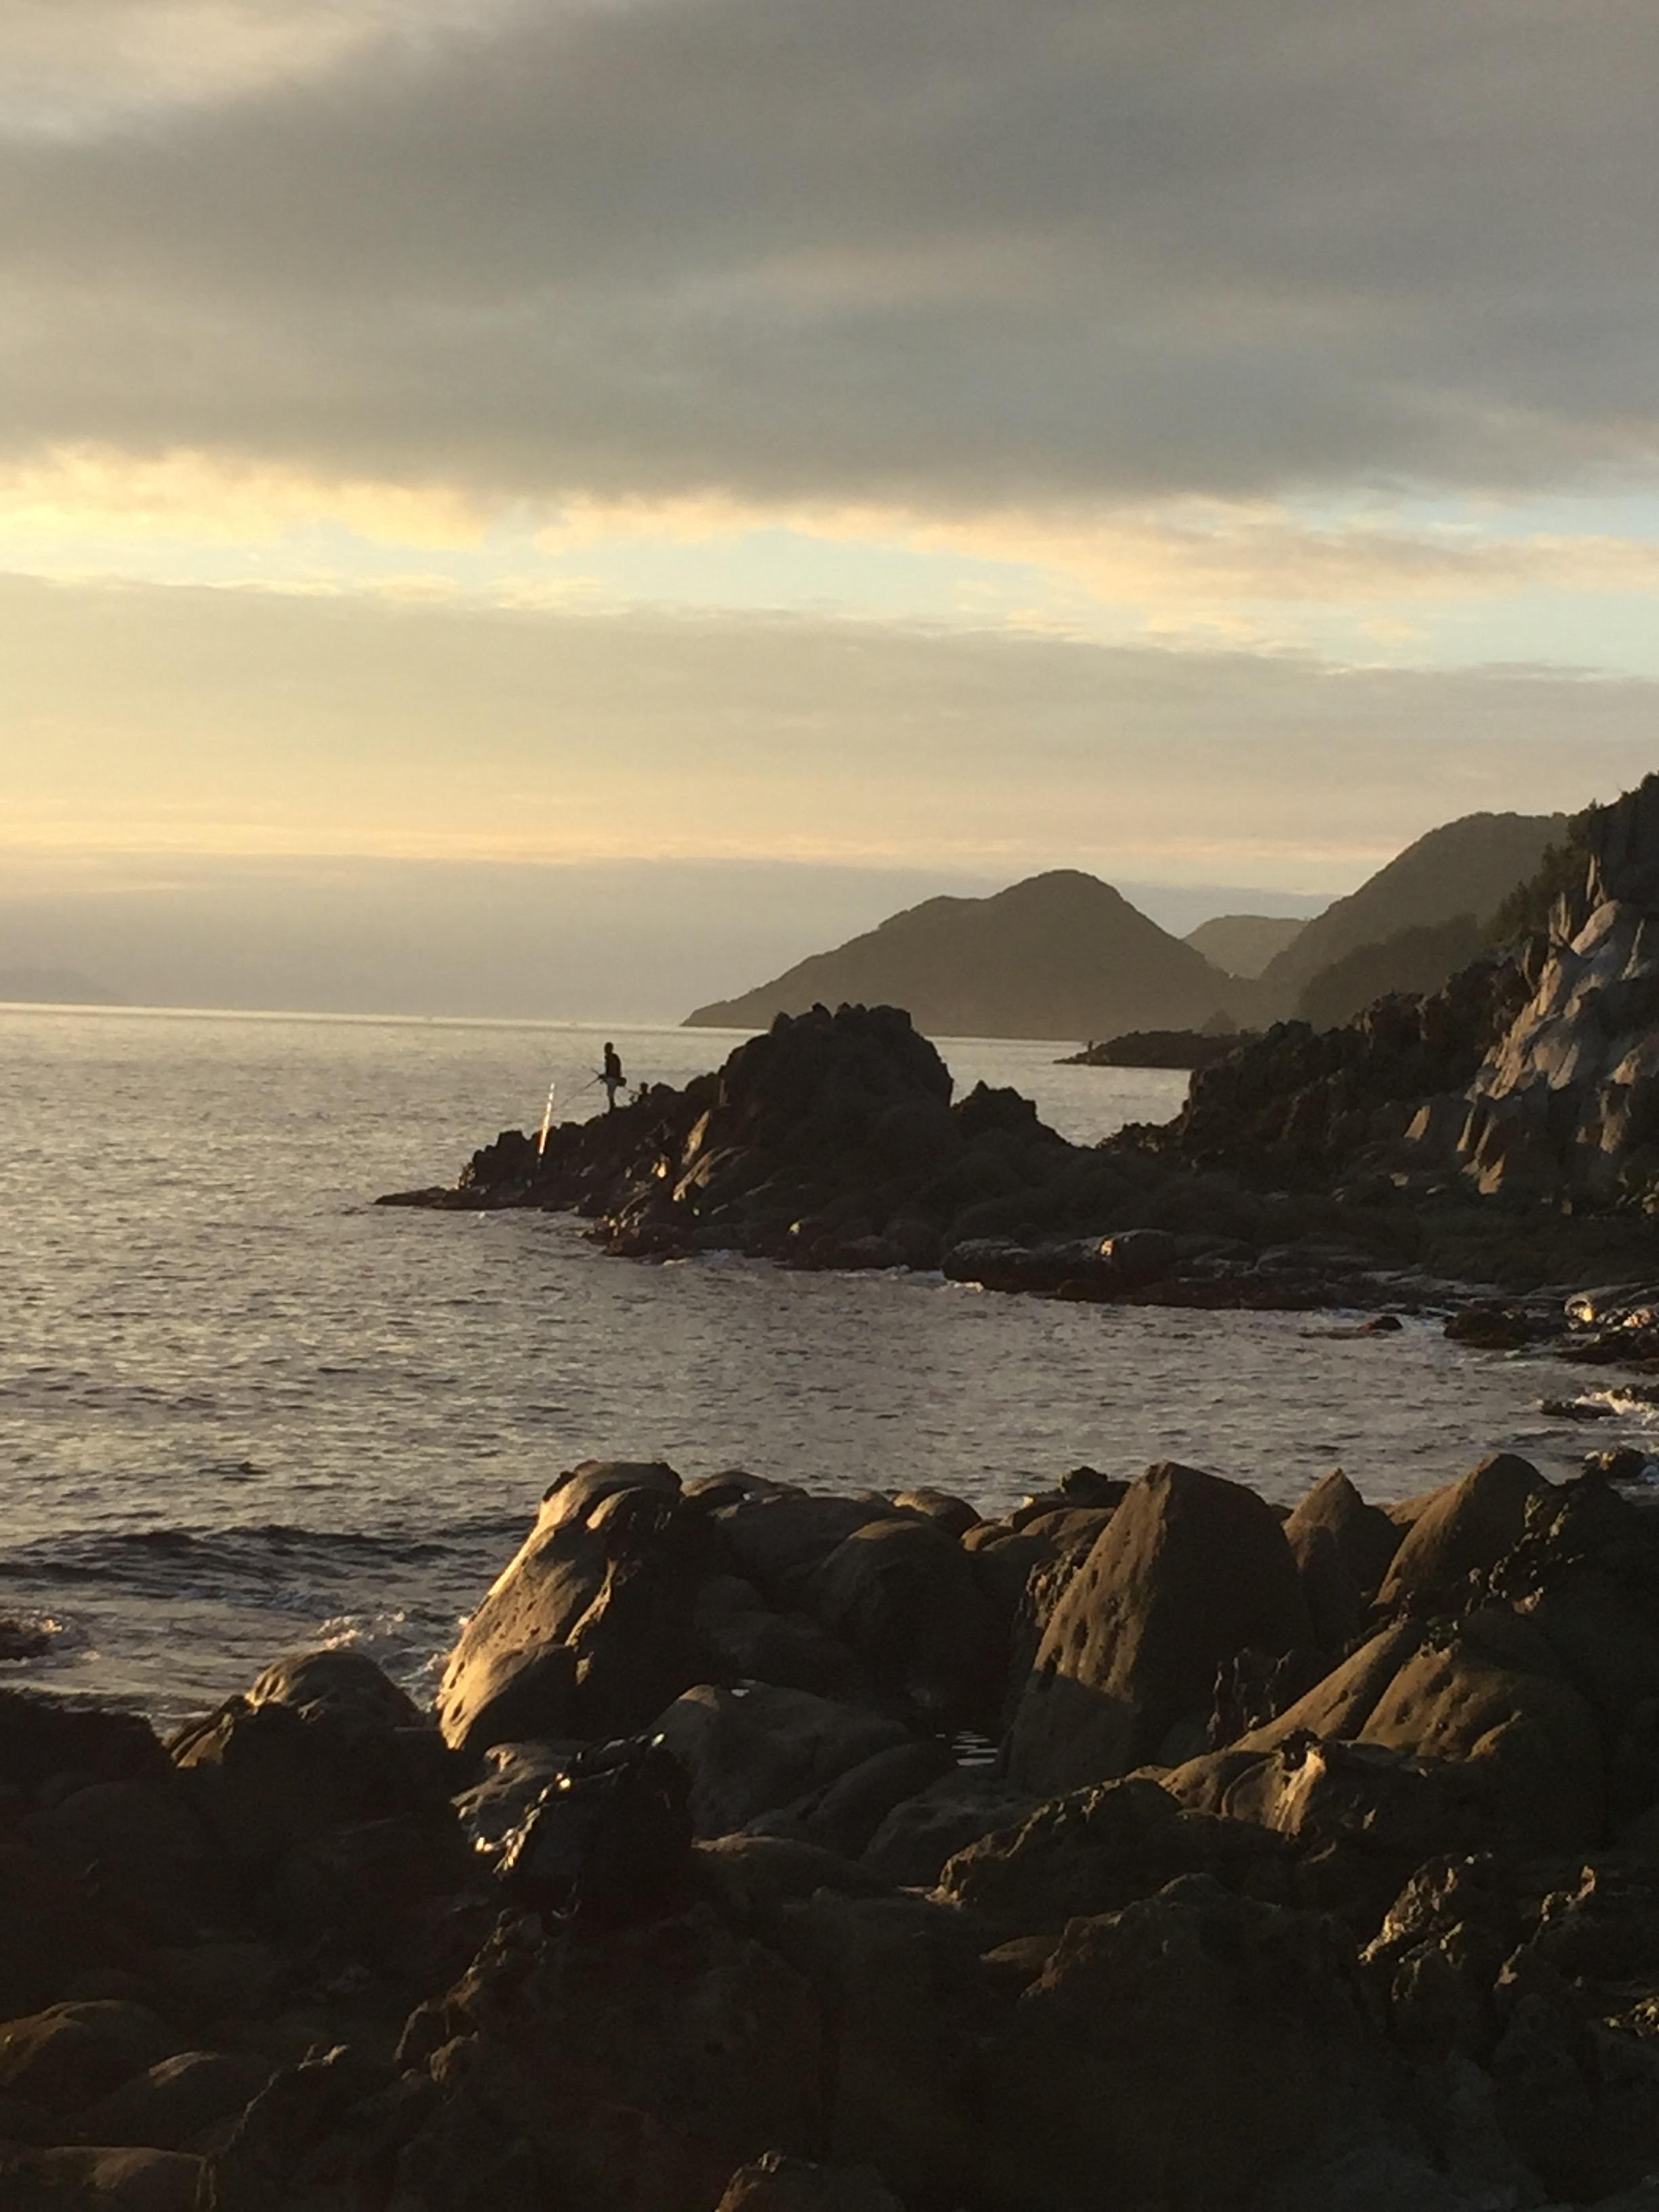 経ヶ岬石切り場の釣り場紹介(京都丹後)丹後半島のヒラマサの楽園